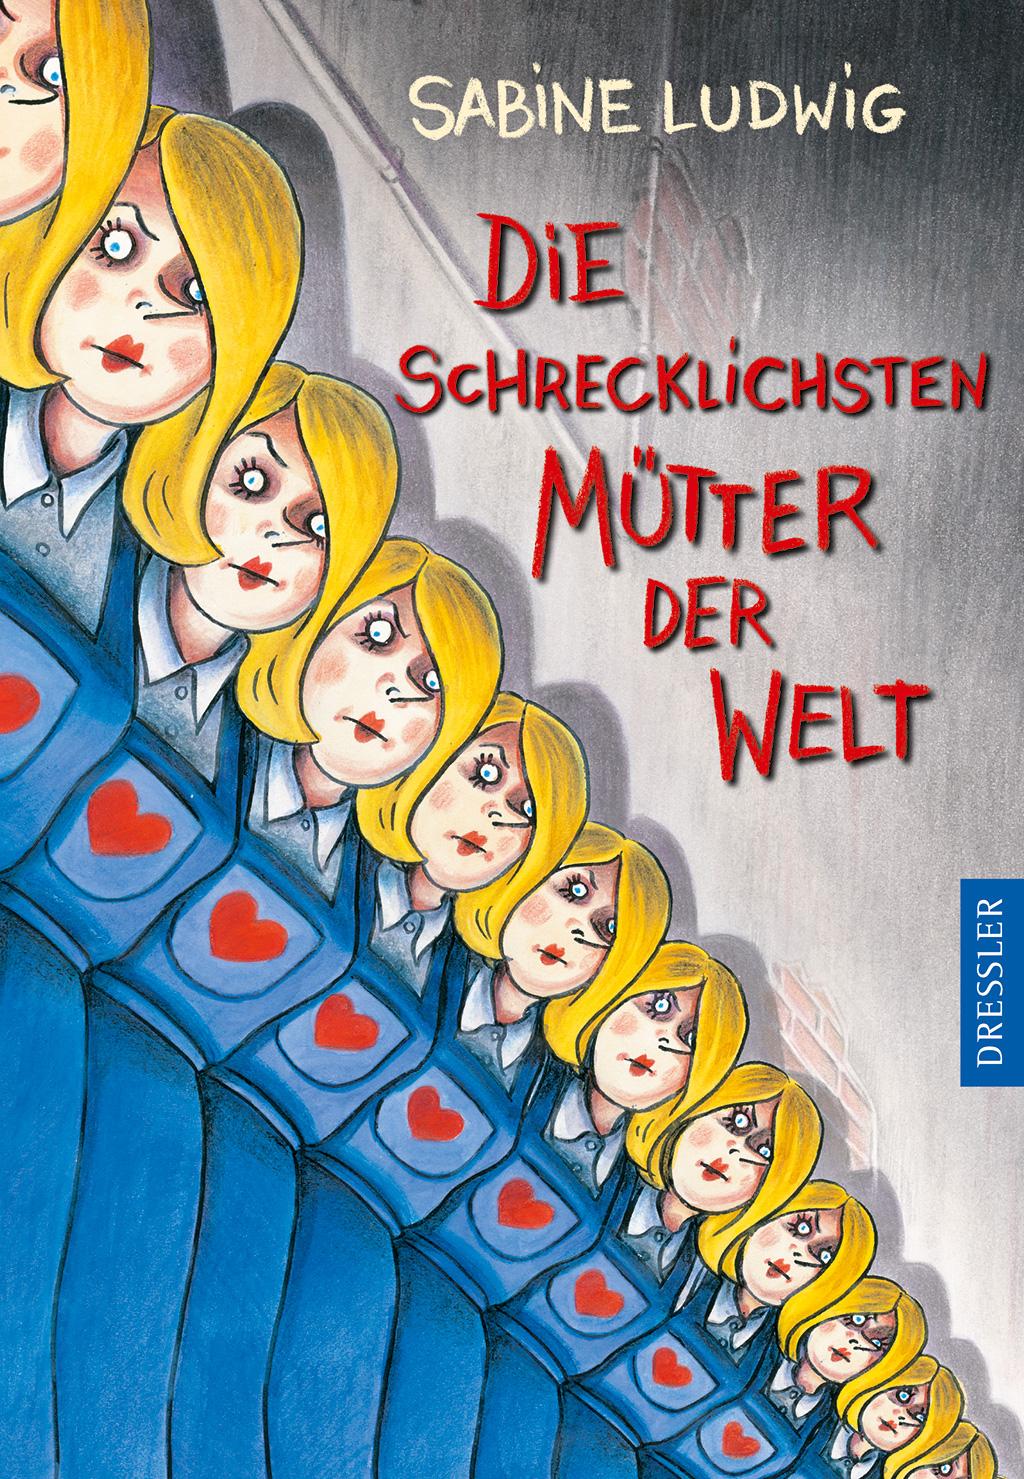 Ludwig_DieSchrecklichstenMuetterDerWelt_978-3-7915-1237-2